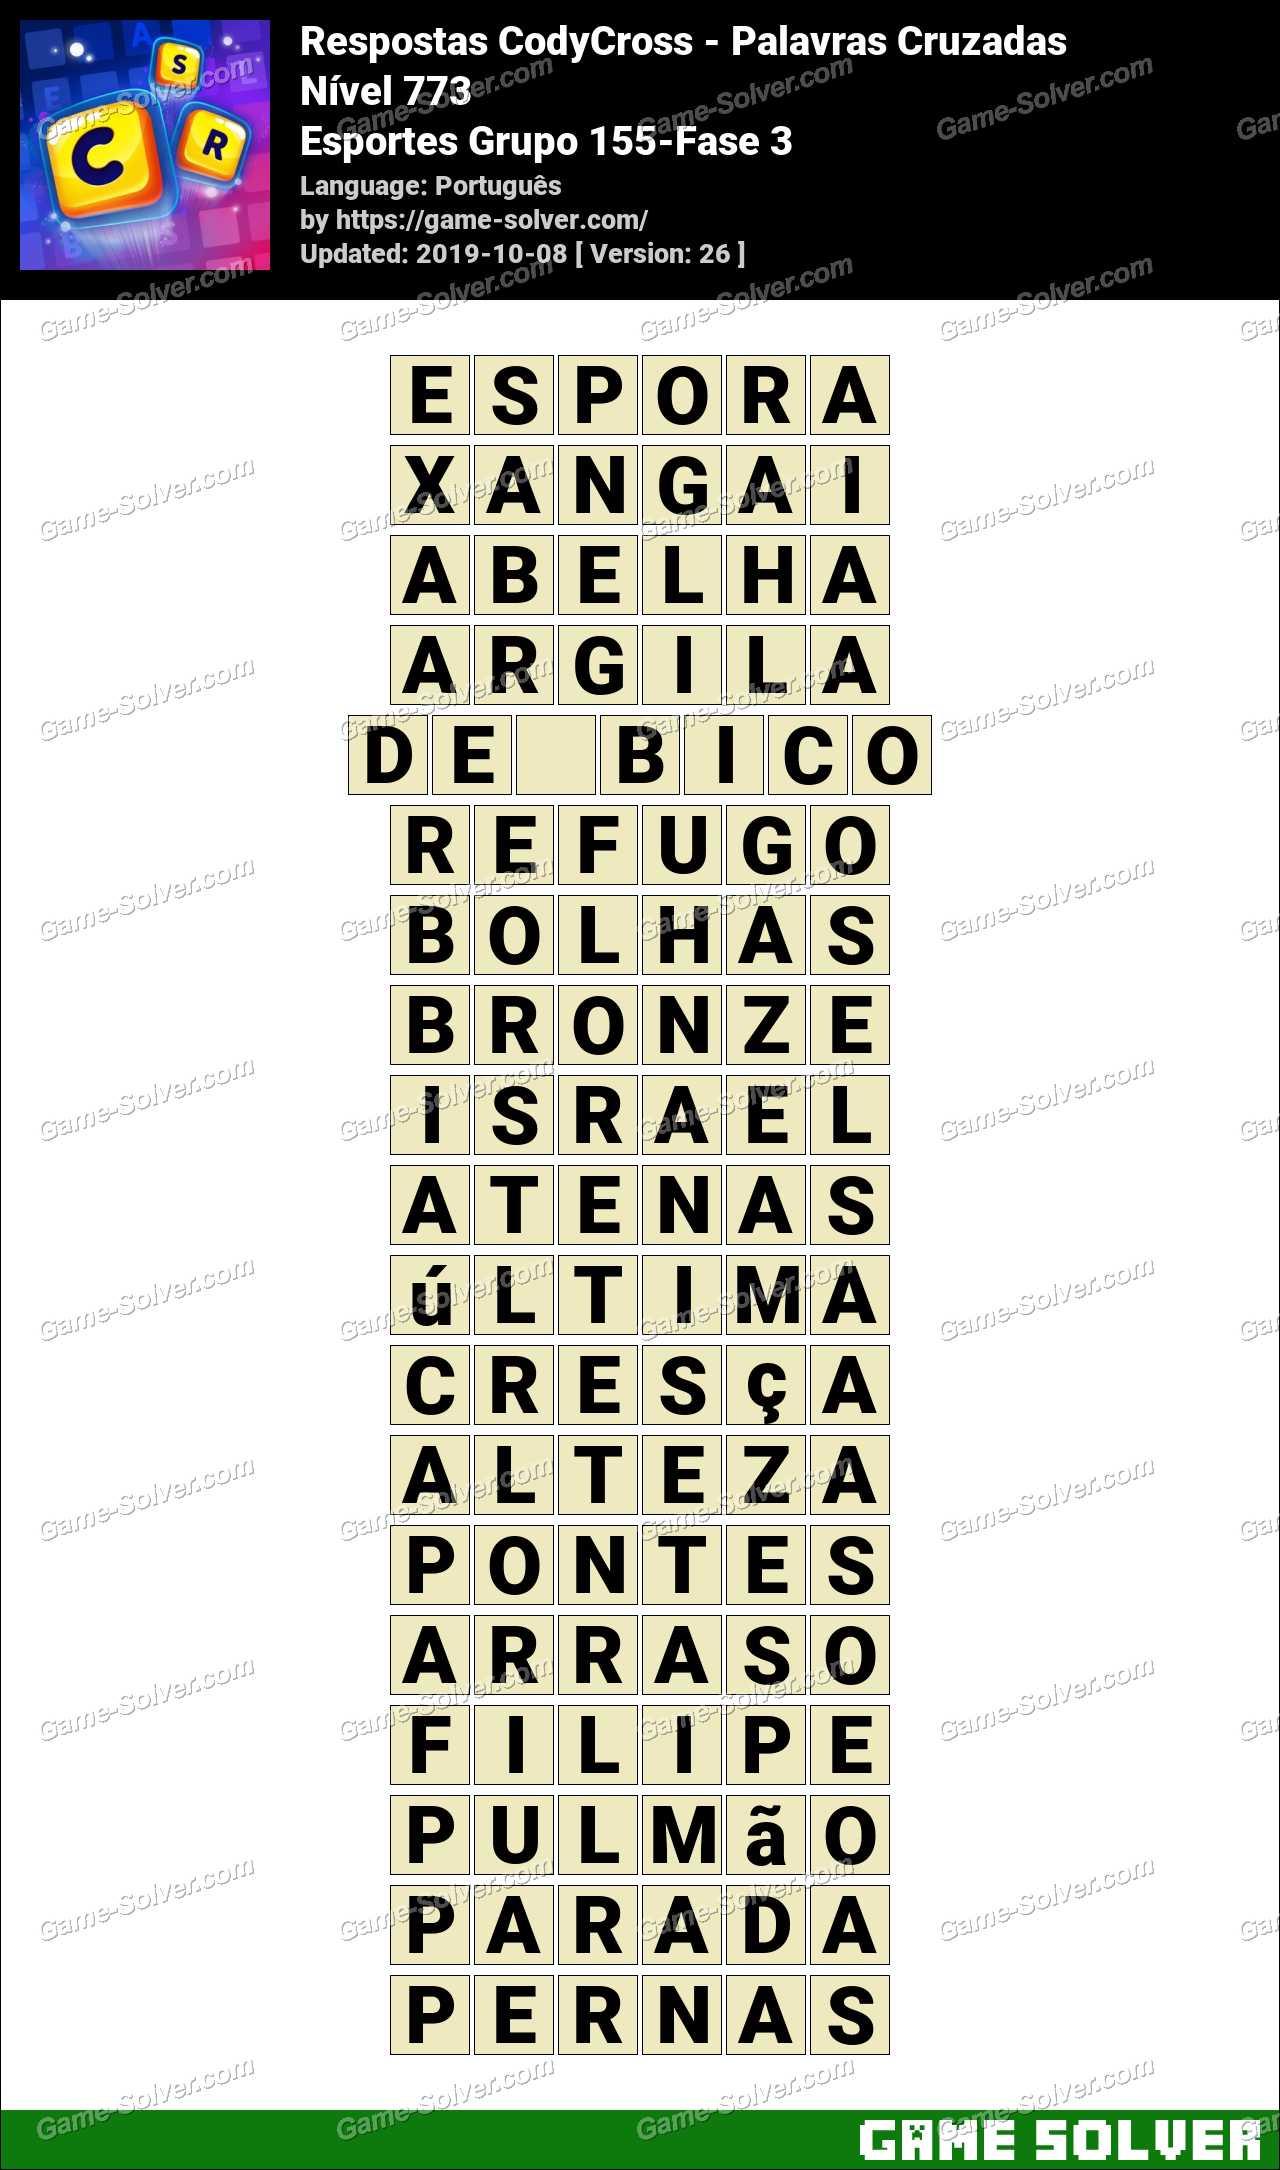 Respostas CodyCross Esportes Grupo 155-Fase 3